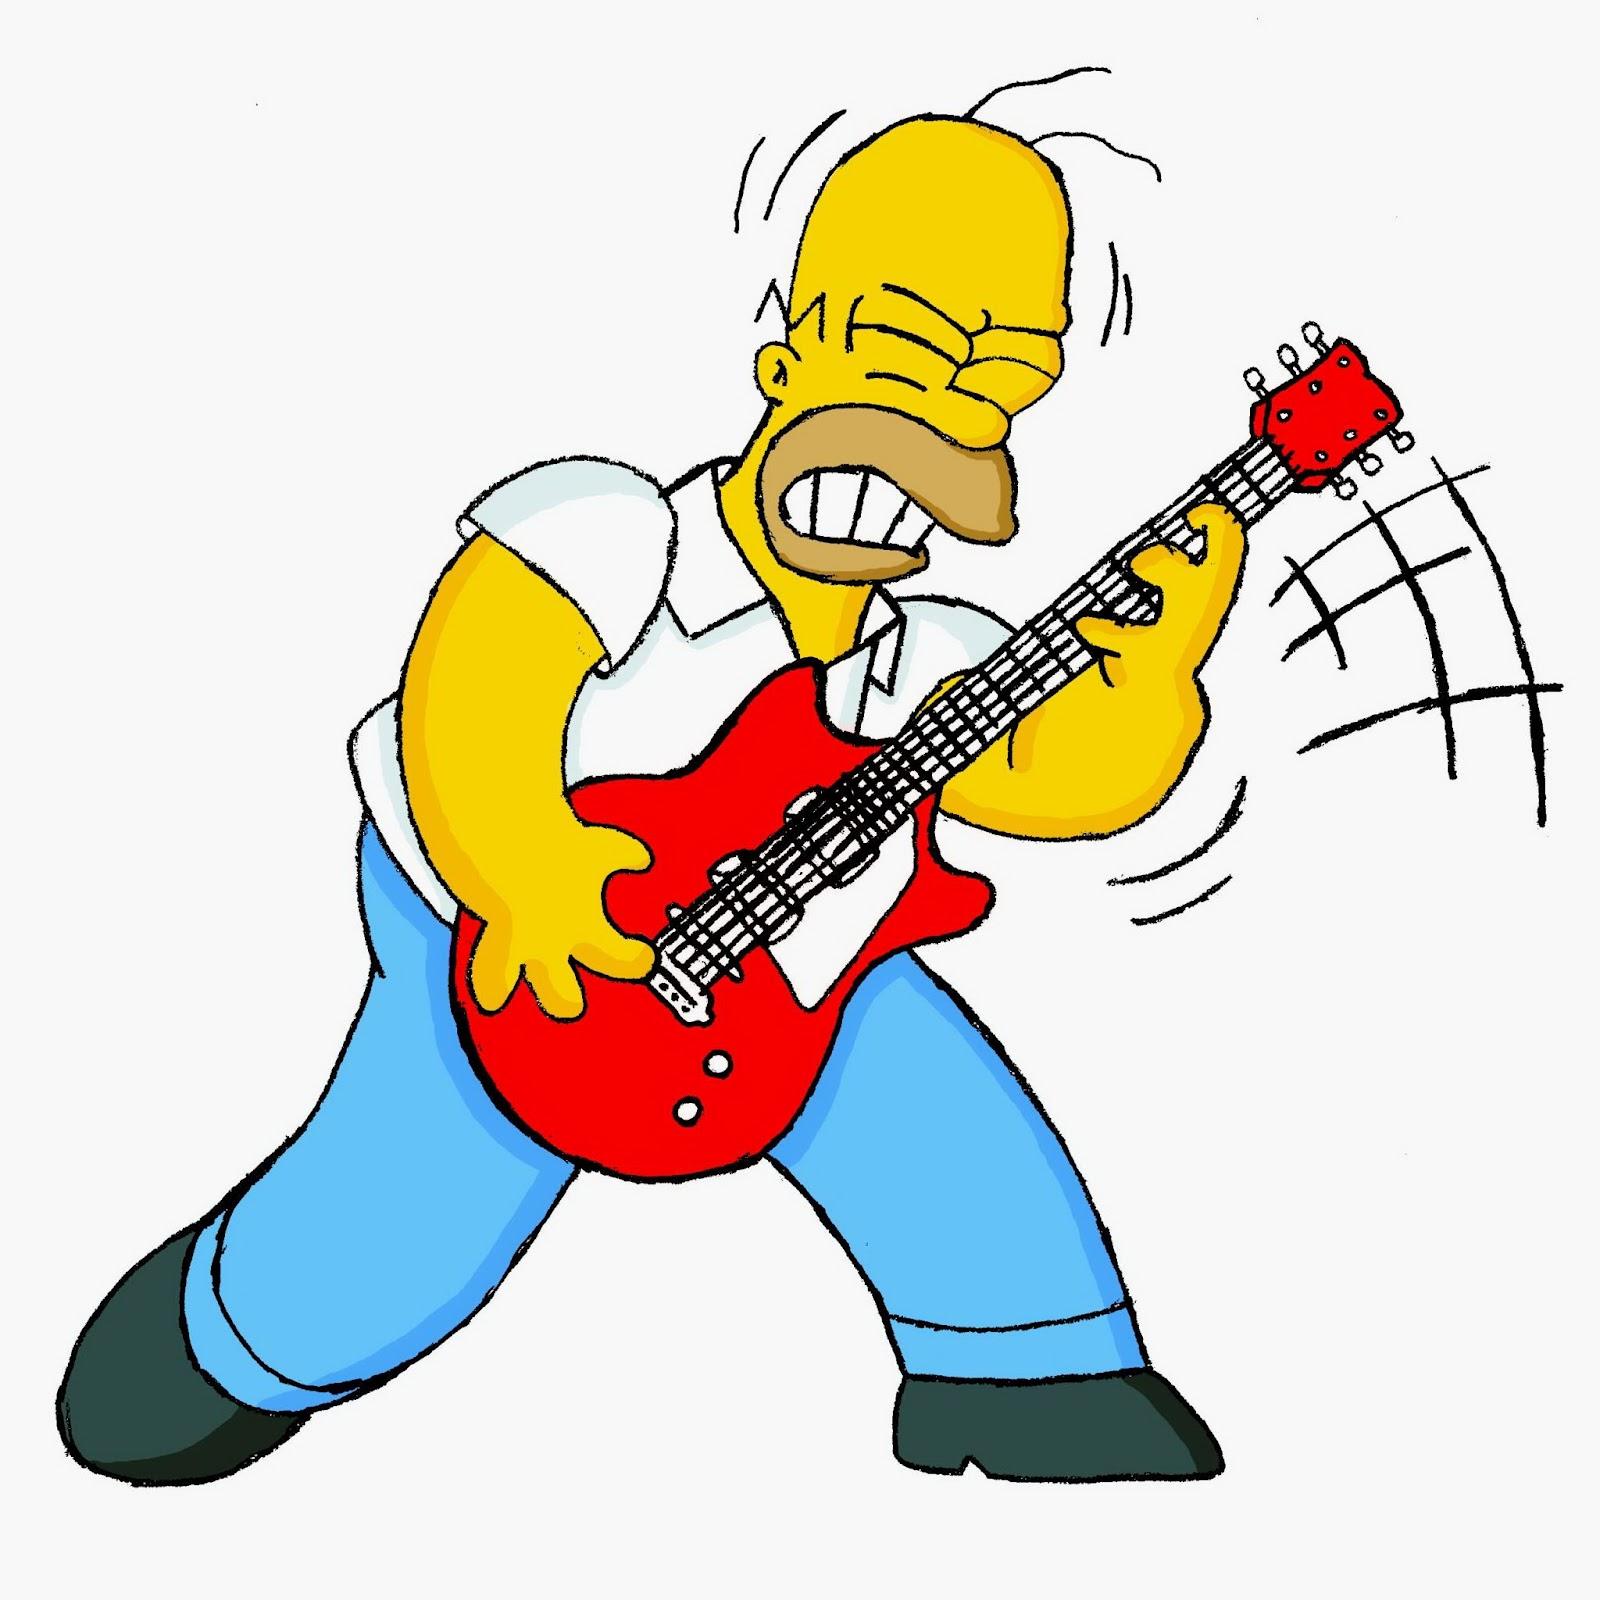 Homer rockero